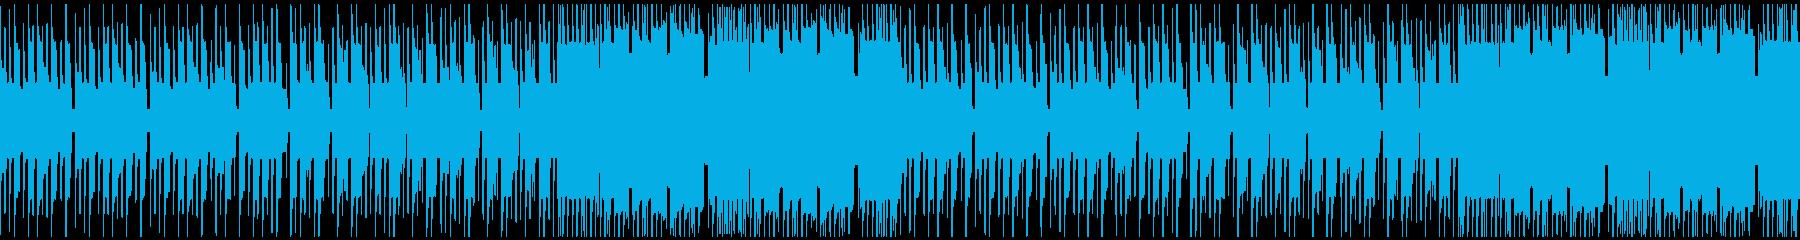 FC風ループ 坂の上での再生済みの波形